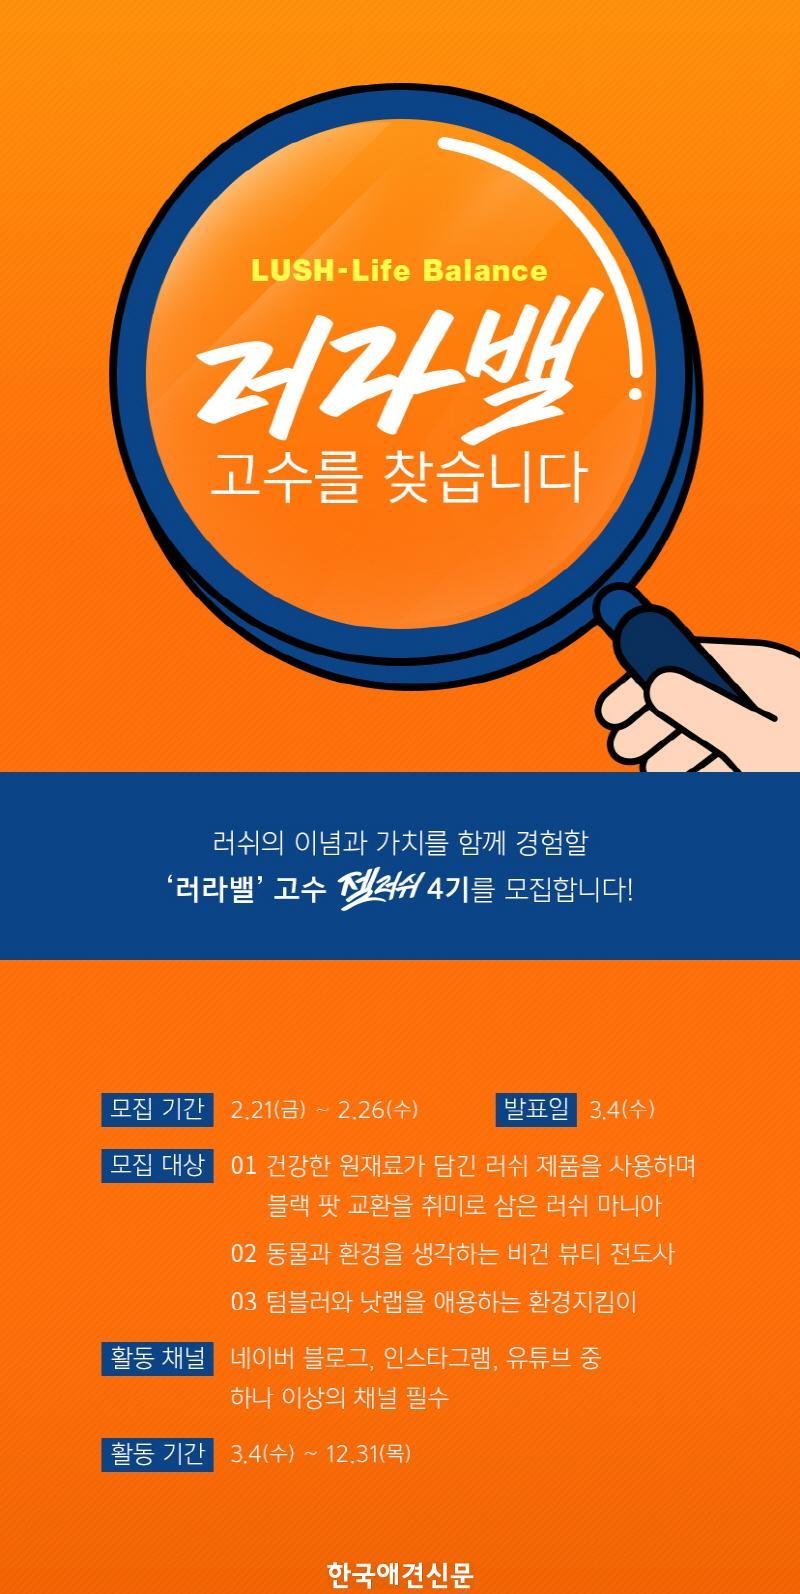 [크기변환][러쉬-보도자료] 브랜드 팬클럽 젤러쉬 4기 모집.jpg